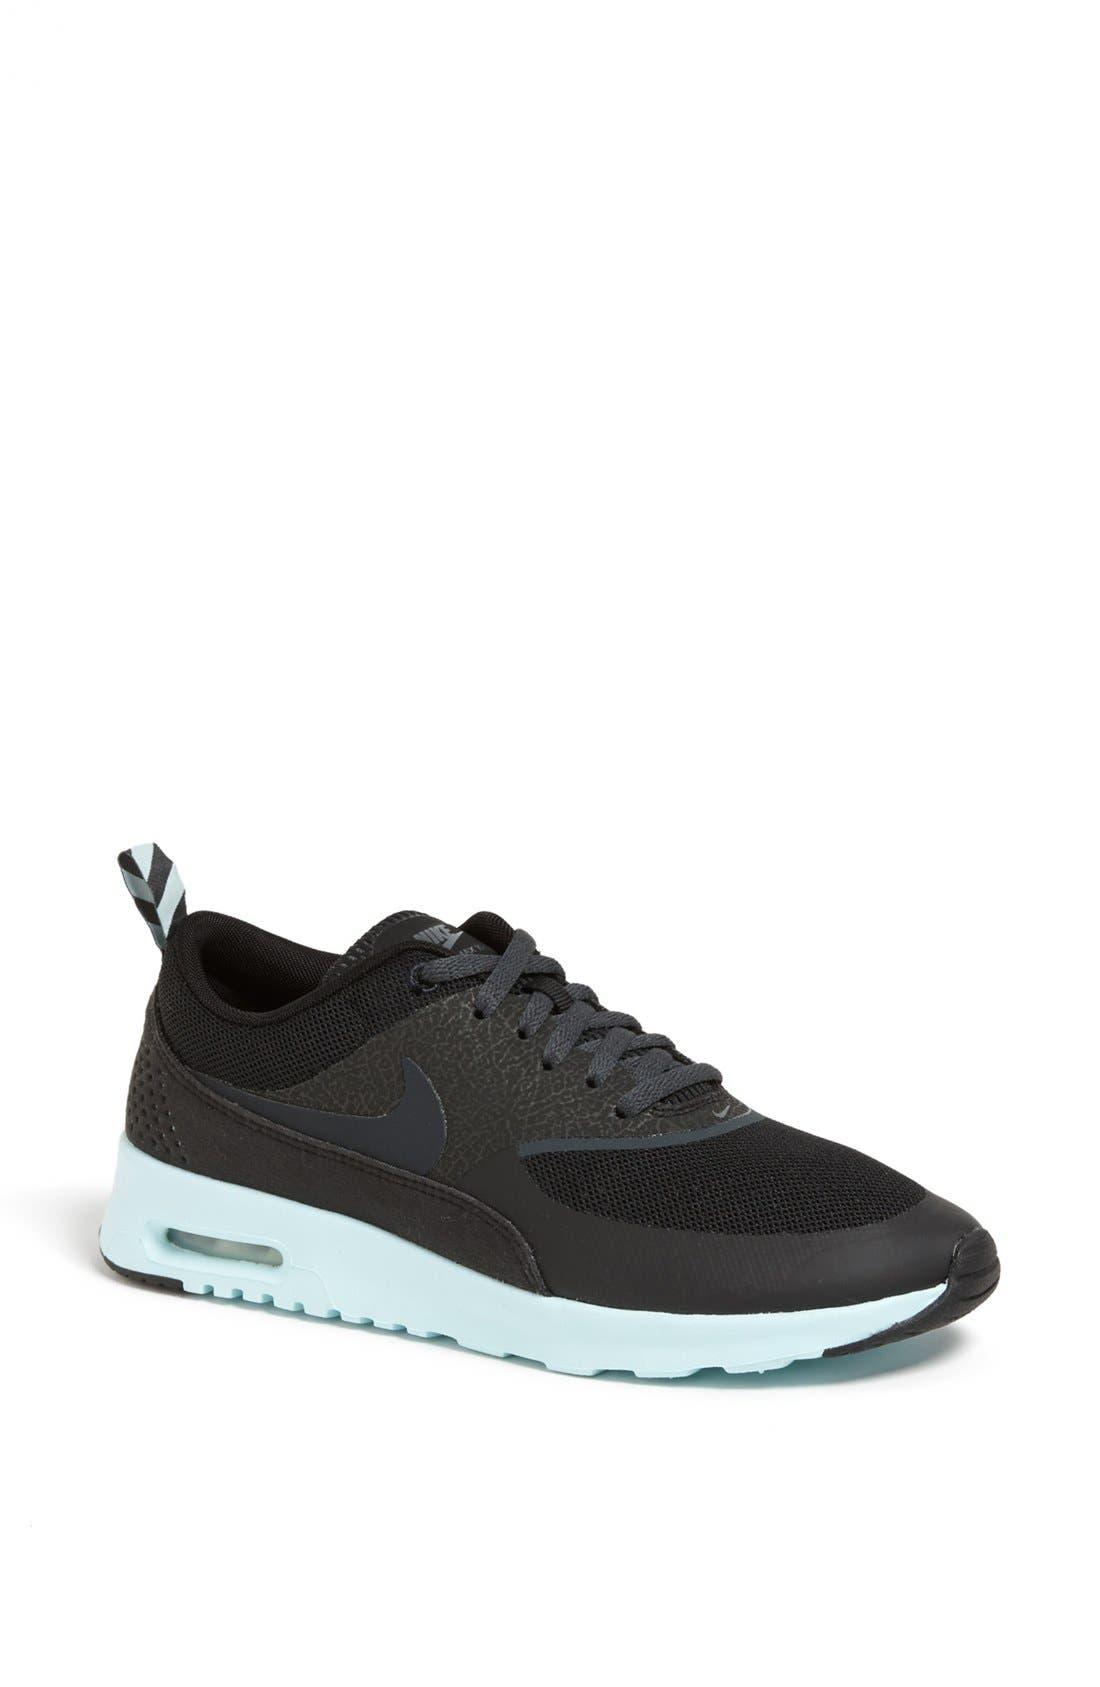 Main Image - Nike Air Max Thea Sneaker (Women)